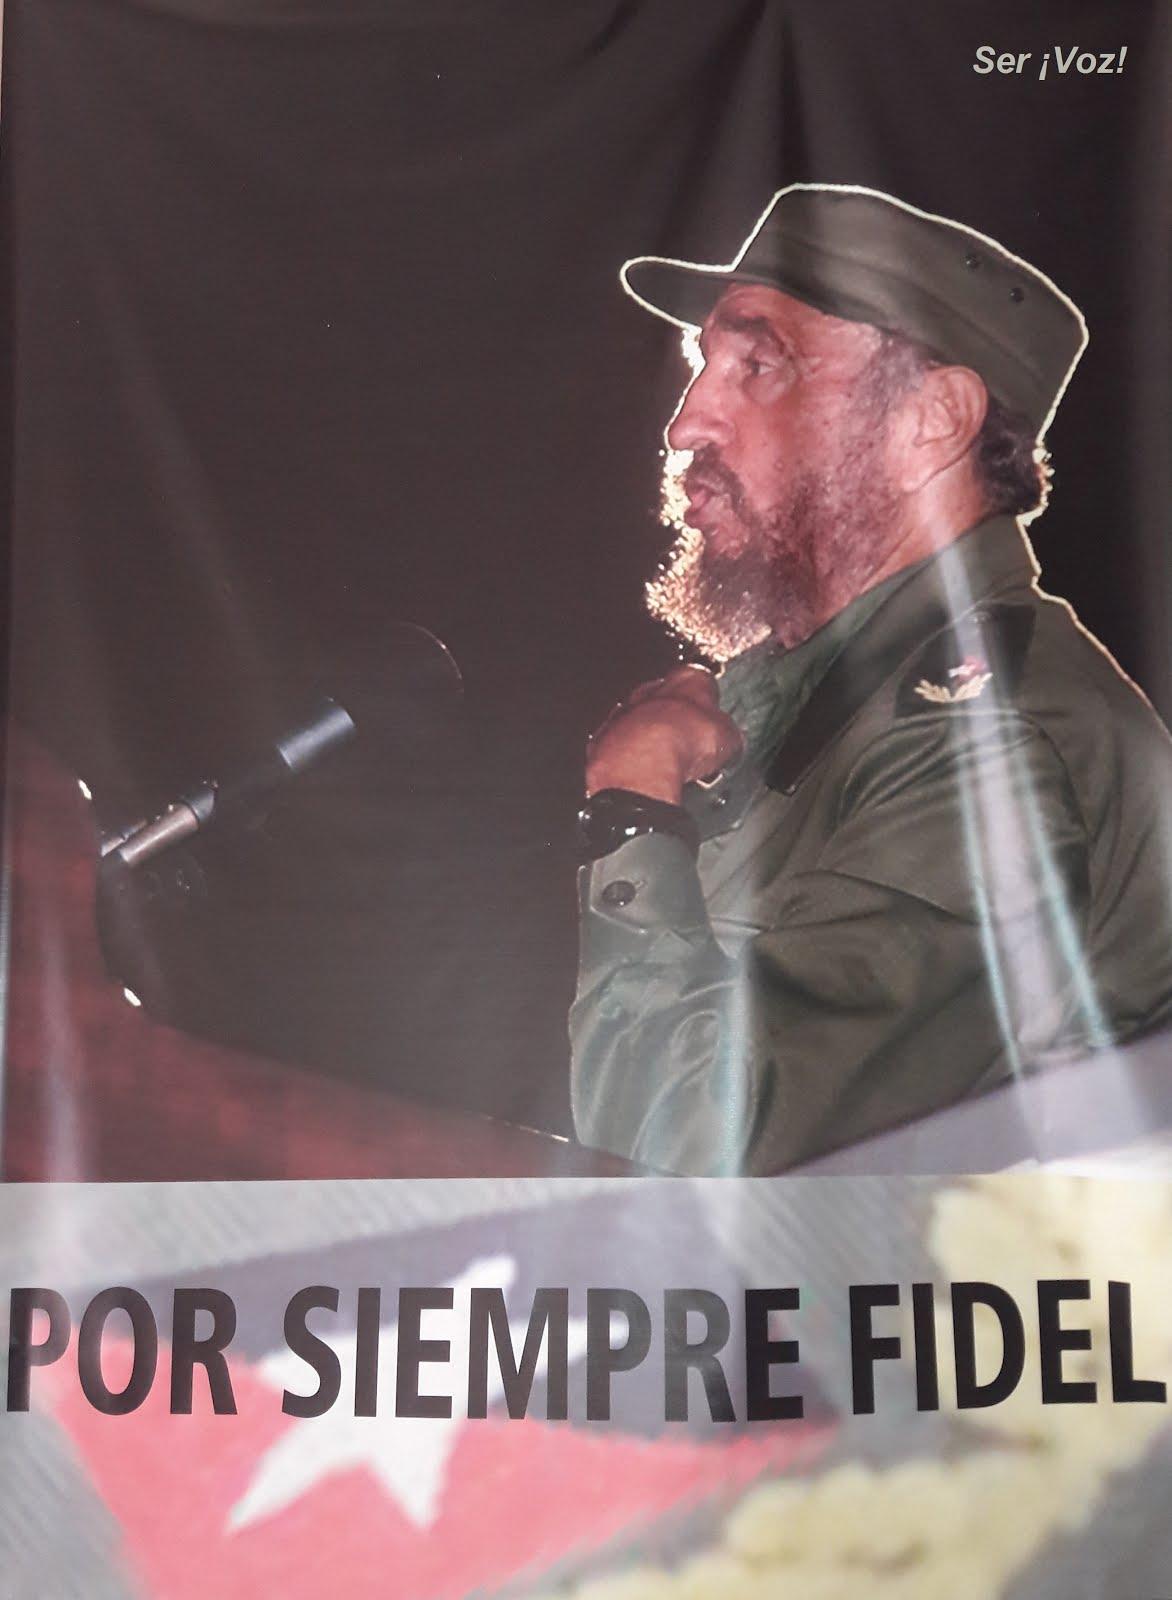 ¡Hasta siempre, Comandante Fidel Castro!